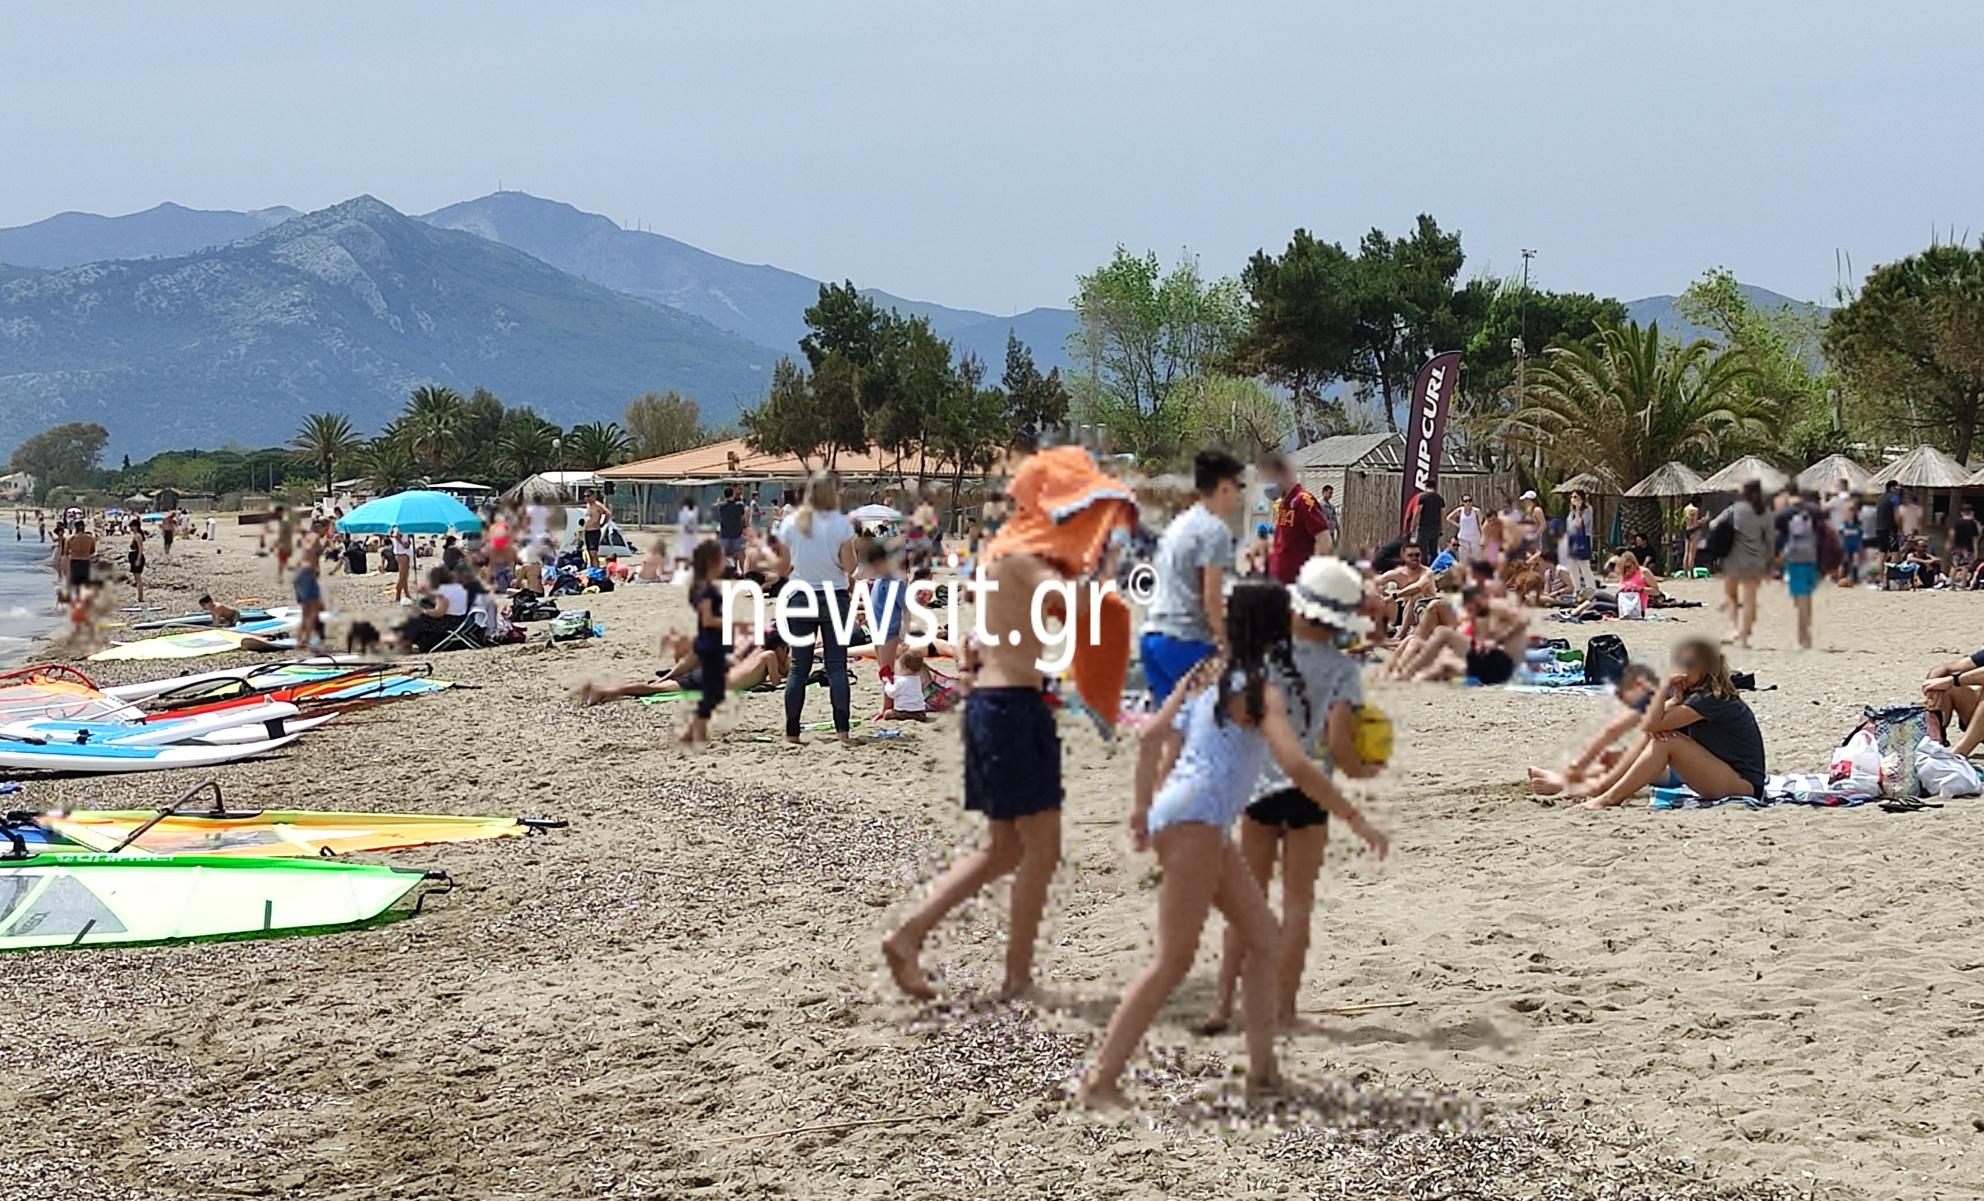 Πάσχα 2021: Μεγάλο Σάββατο στις παραλίες οι Αθηναίοι – Βουτιές, ρακέτες και ηλιοθεραπεία (pics)